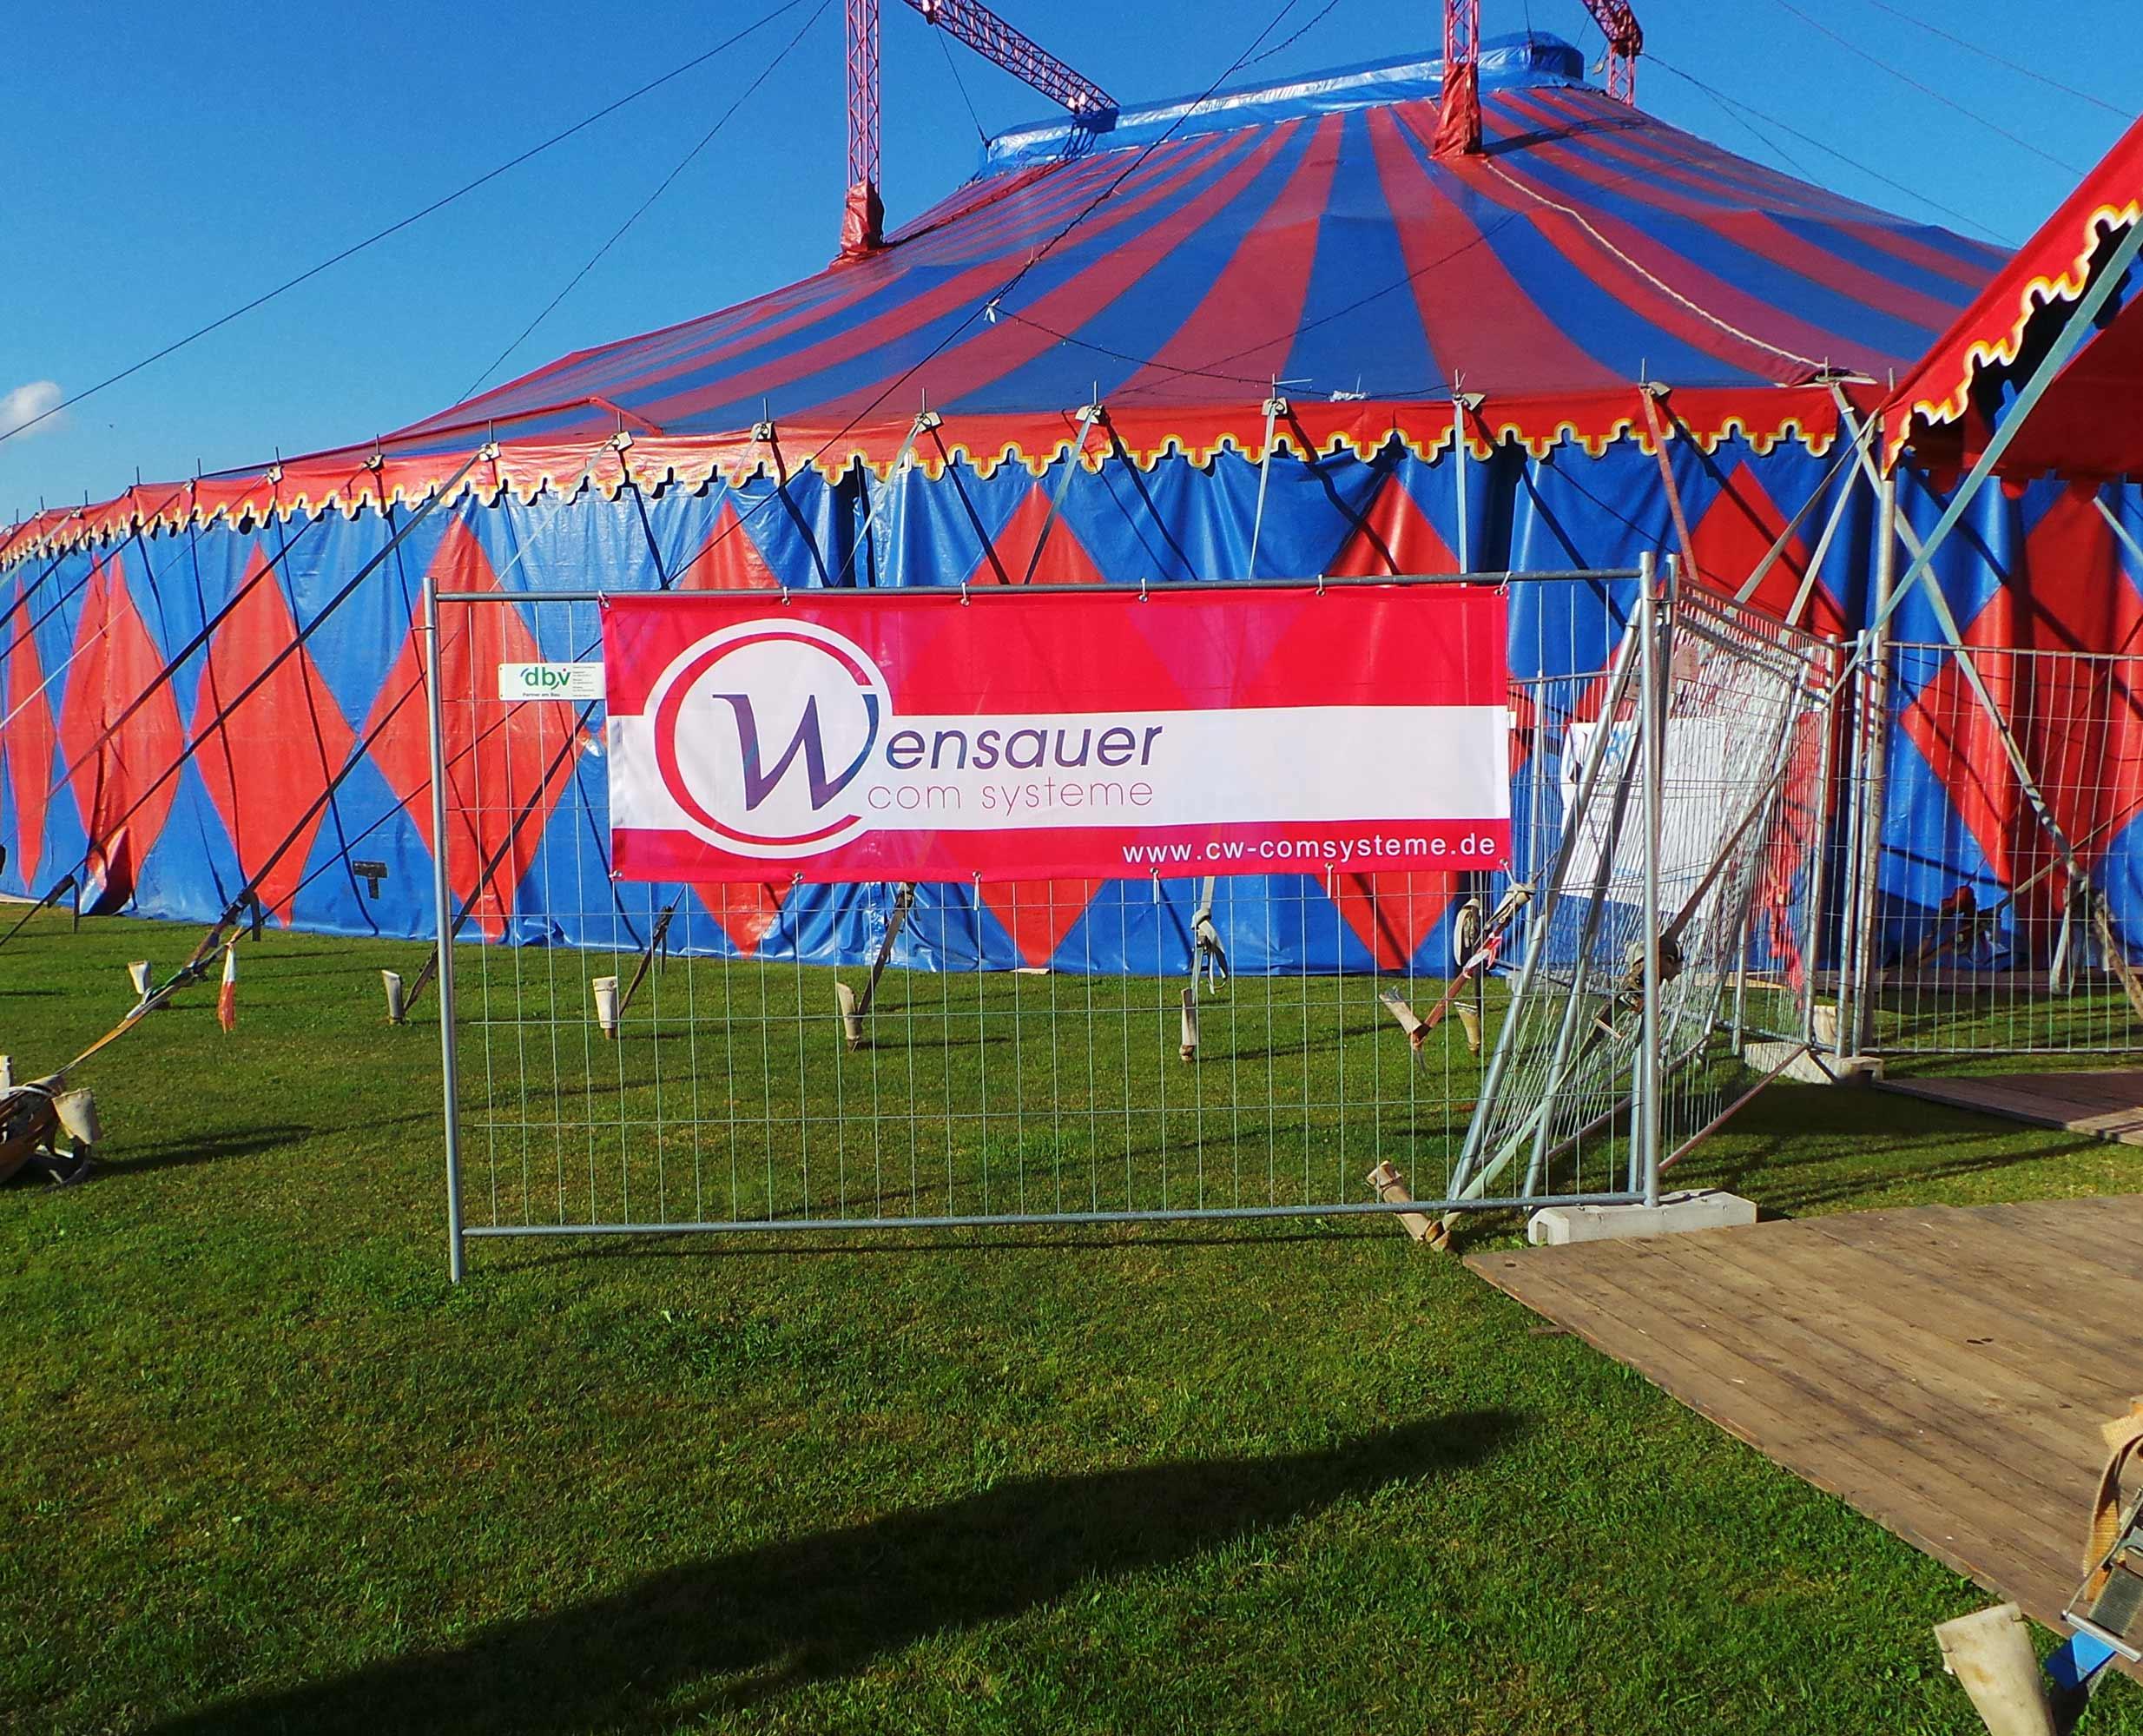 Sponsoring Rockfestival Lichteneck | Wensauer Com-Systeme GmbH